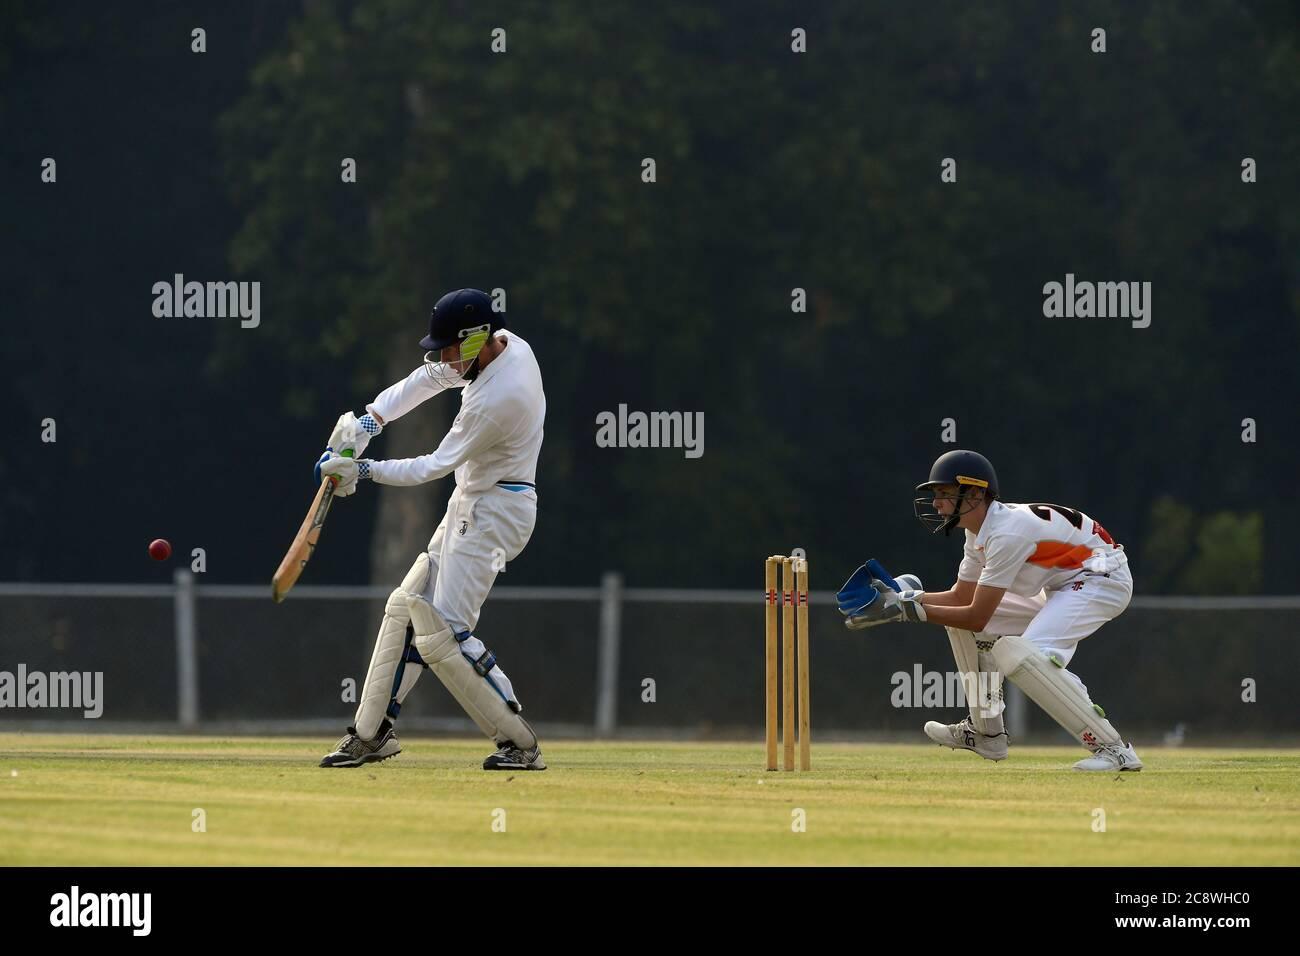 Une brume laiteuse causée par la fumée des feux de brousse australiens est suspendue dans les airs lors d'un match de cricket dans le nord-est de Victoria, en Australie Banque D'Images